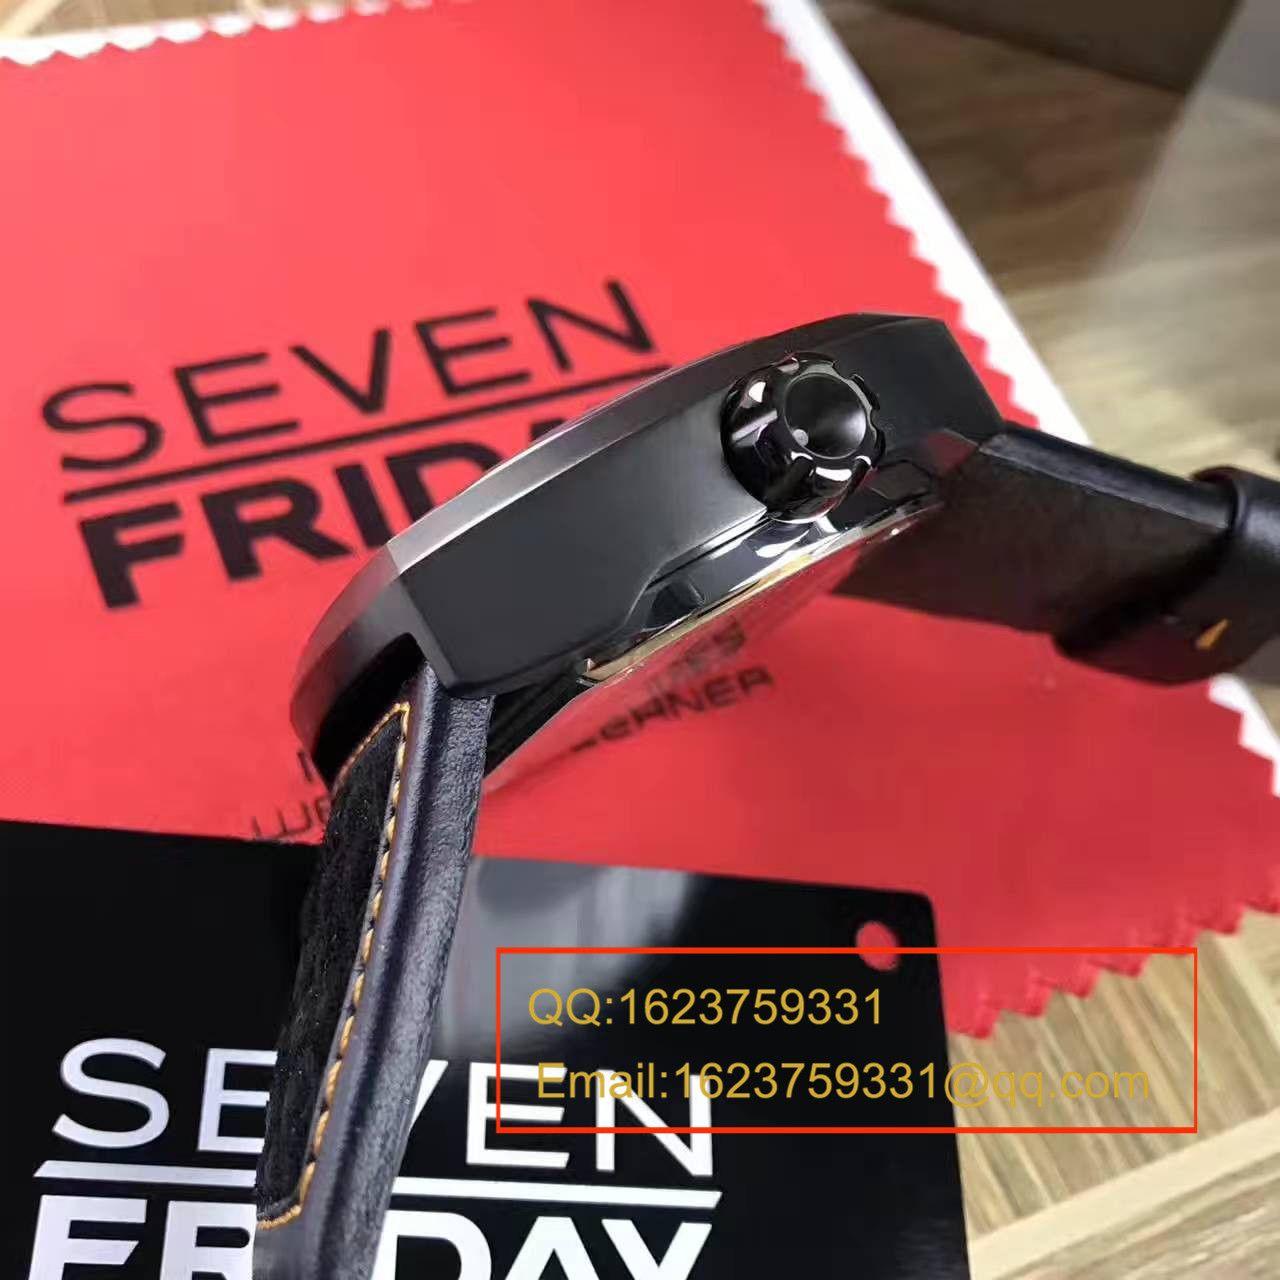 七个星期五 专柜正品原单 Seven Friday 自动机械男表绝对保真,不解释,看细节 / SFBG09